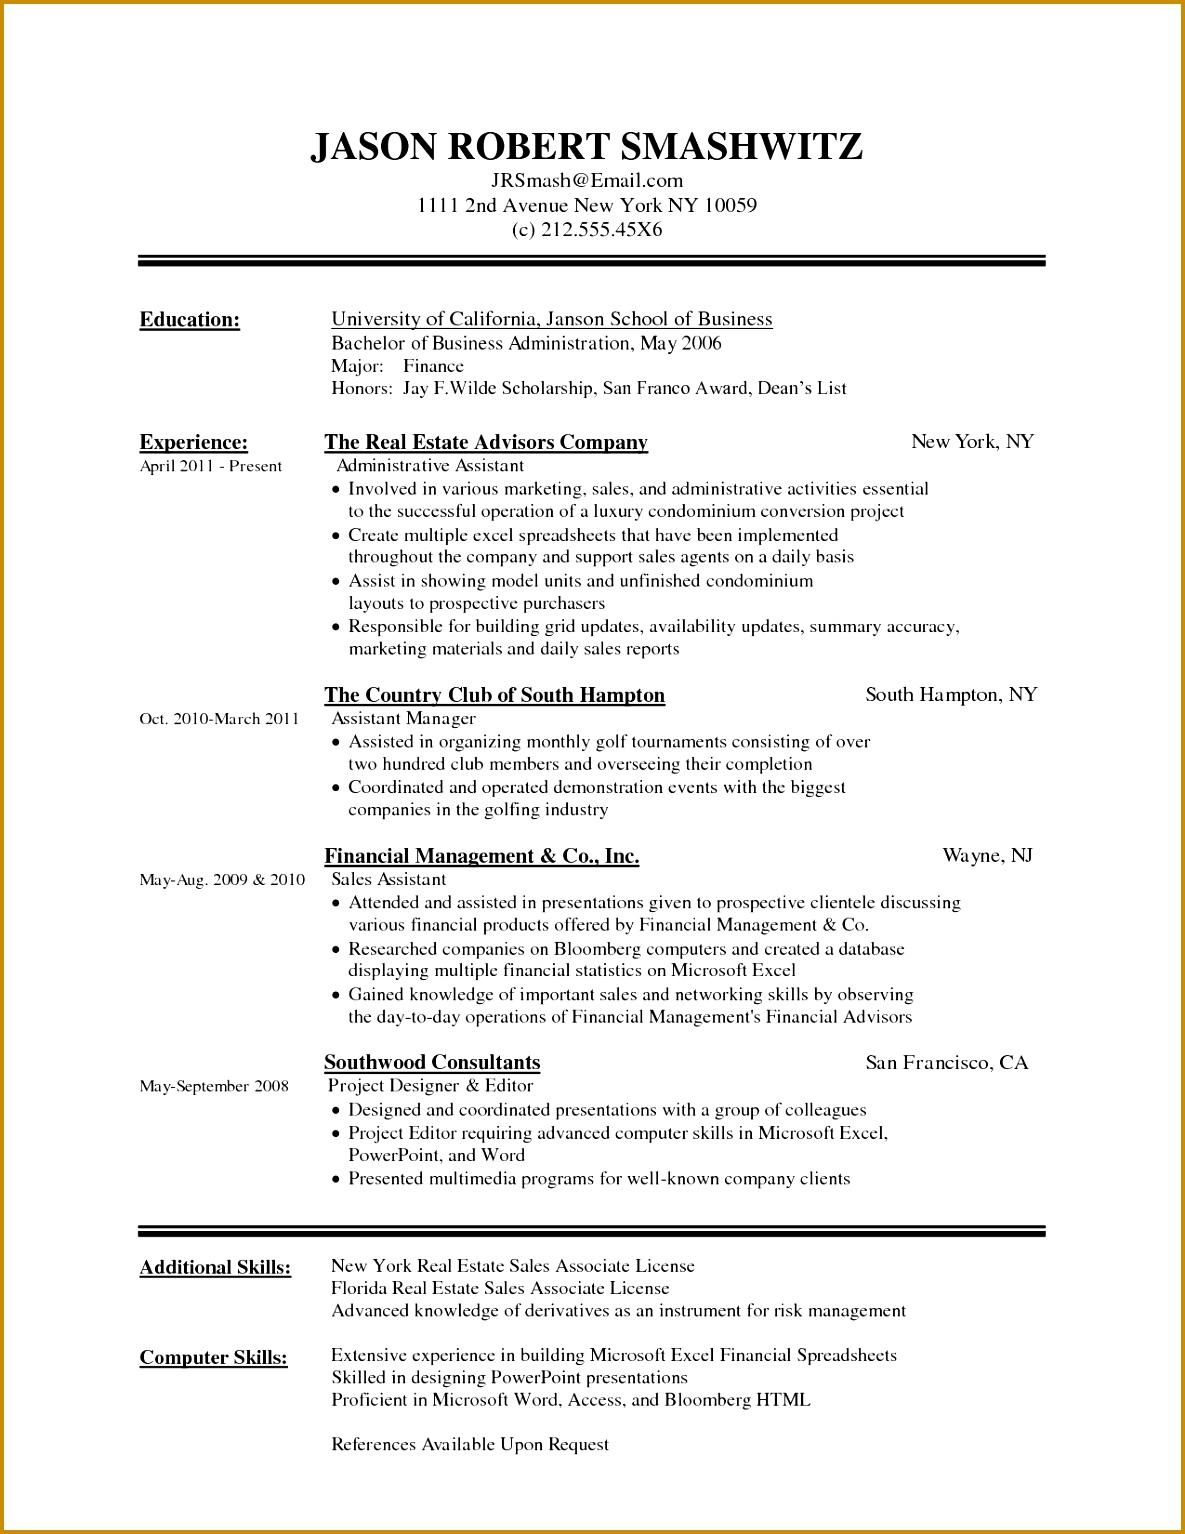 Free Resume Outline Sample Presentation Templates Resume Outline Within 85 Wonderful Free Resume Outline 11851534